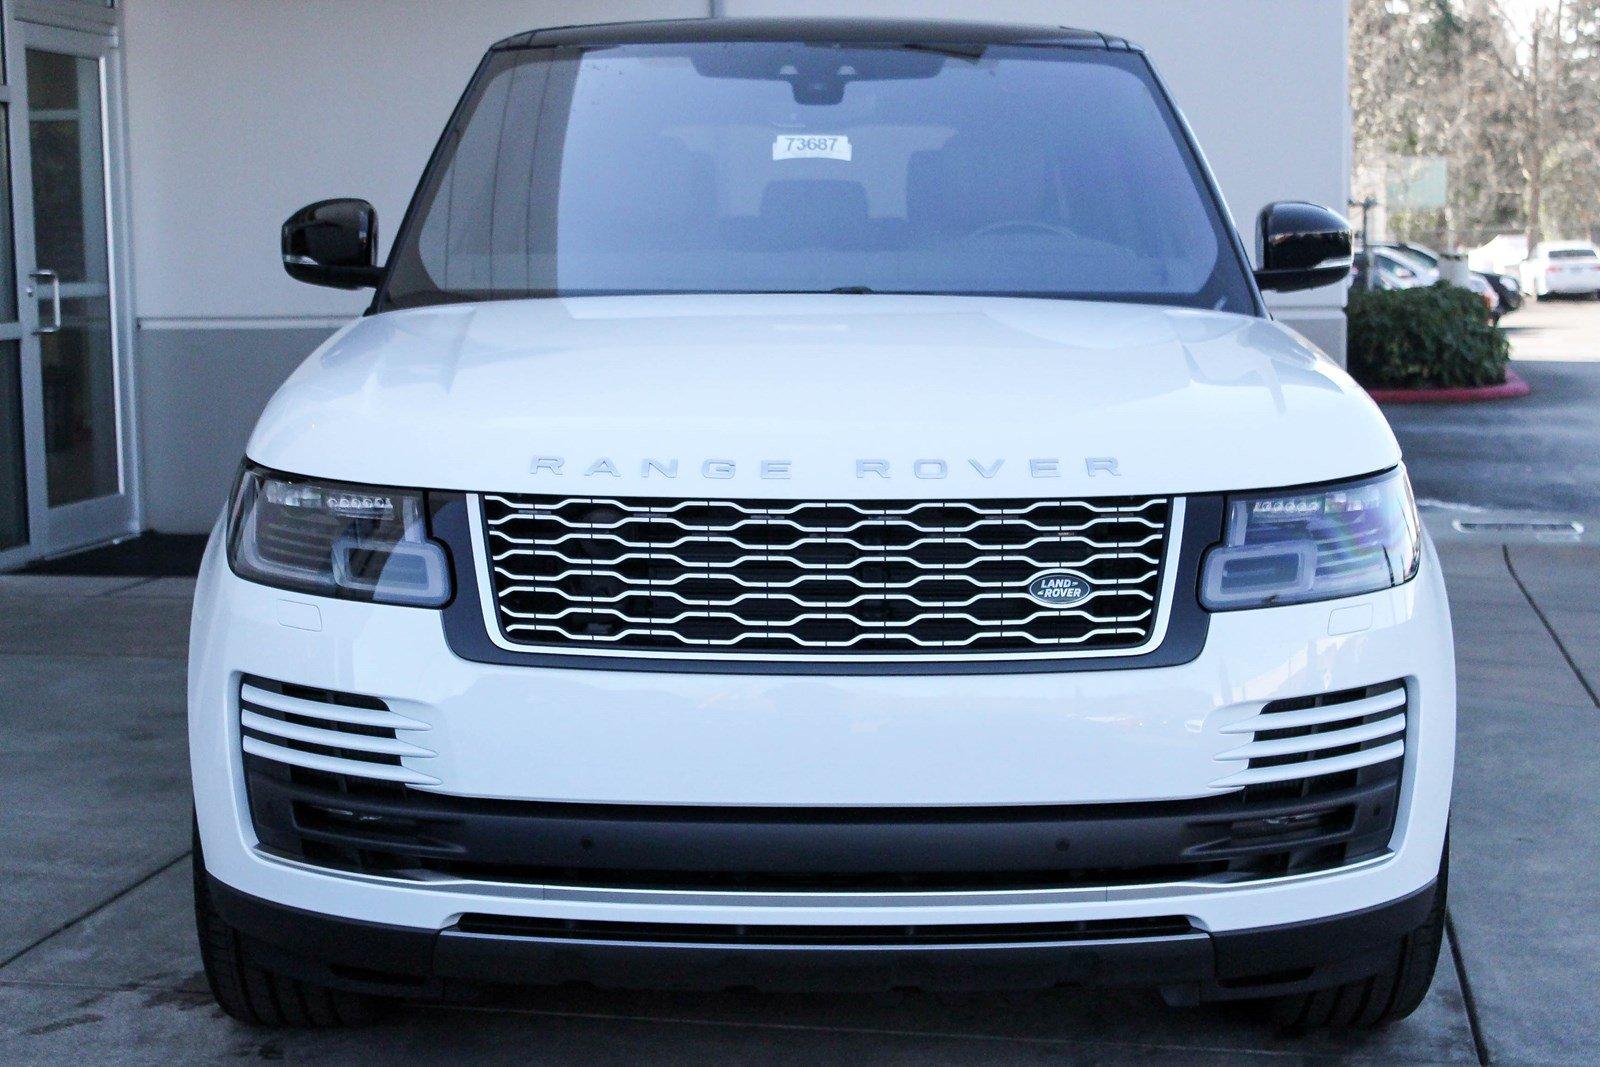 Đây là hình ảnh xe new range rover autobiography 3.0 lwb màu trắng đời mới nhất nhập khẩu chính hãng tại việt nam có giá trên 10 tỷ đồng